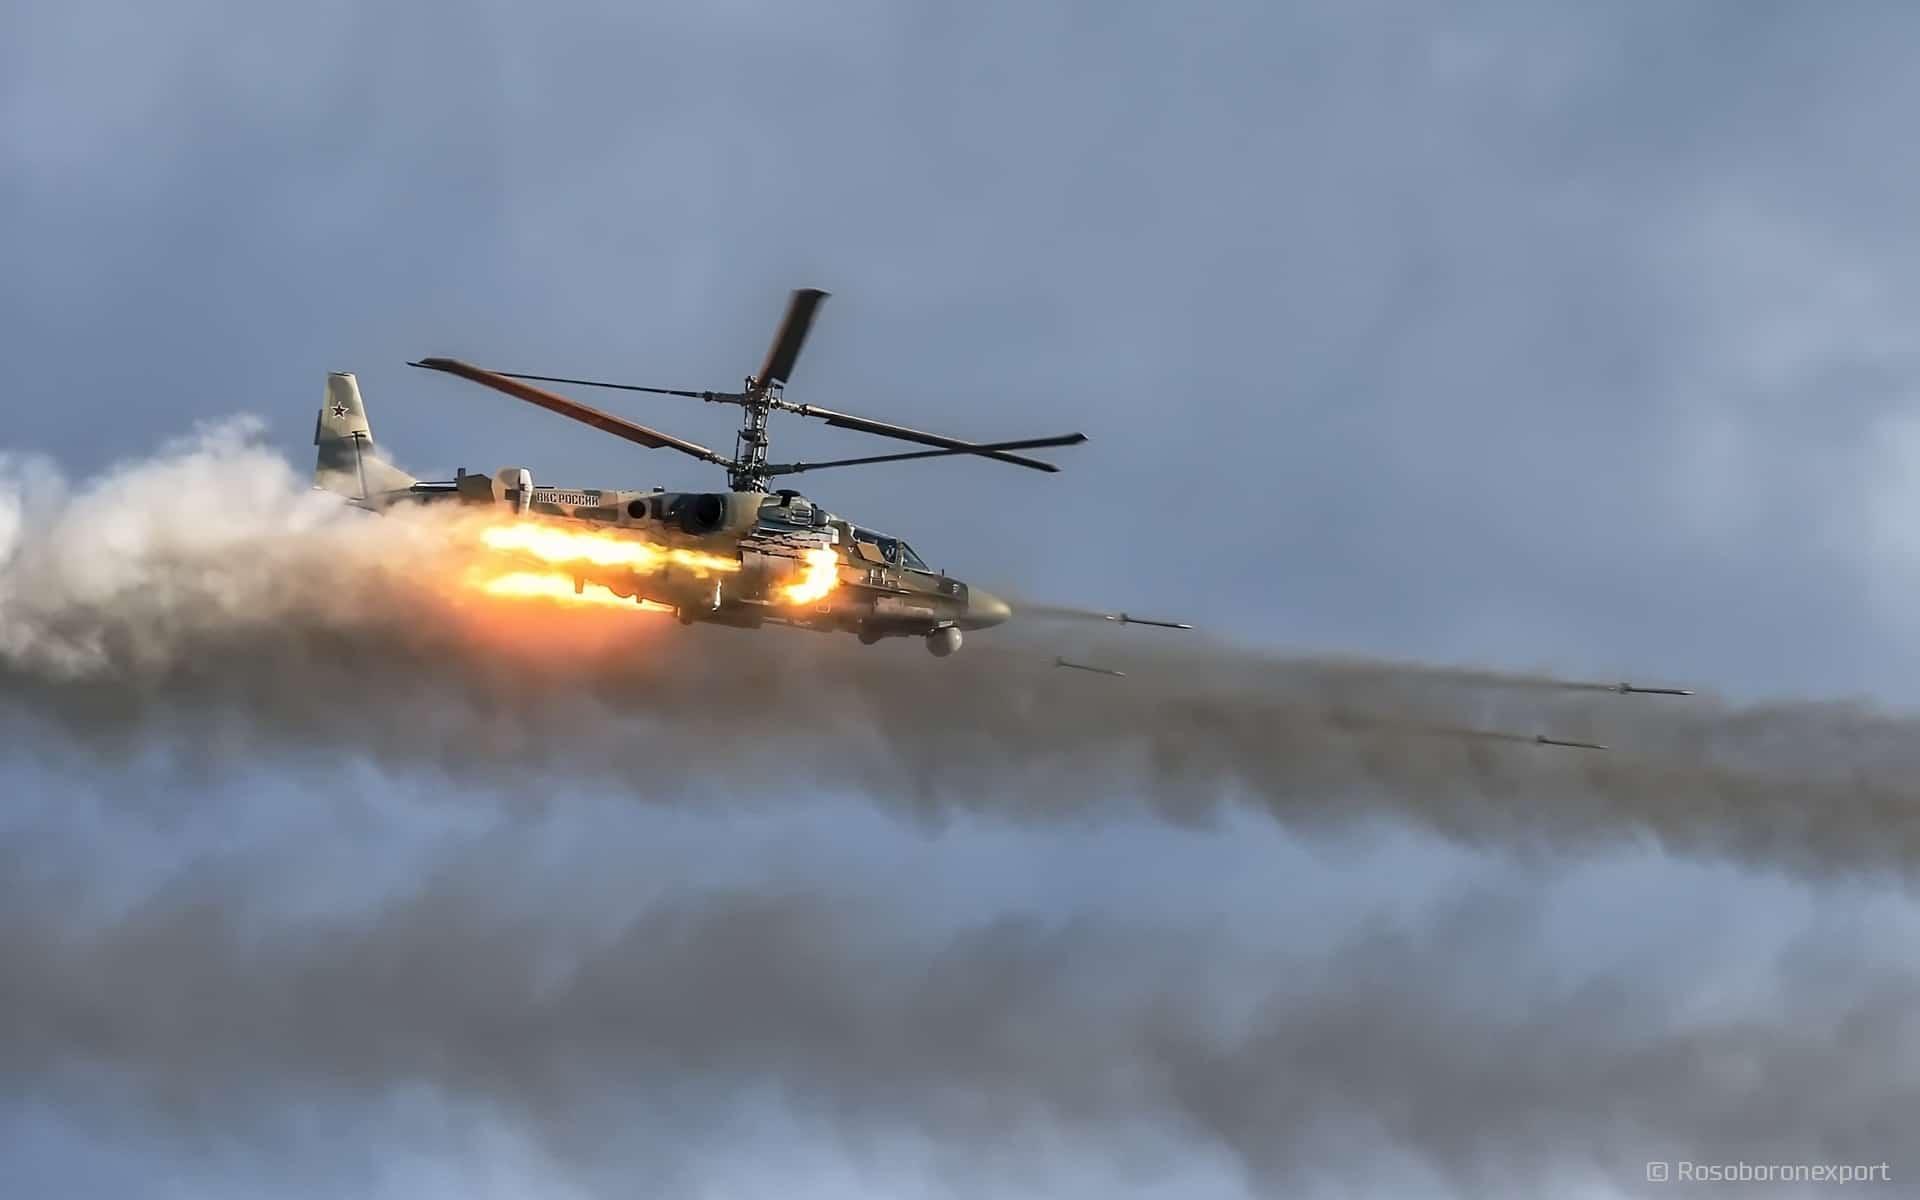 Пуски некерованих авіаційних ракет С-8 з ударного гелікоптера Ка-52